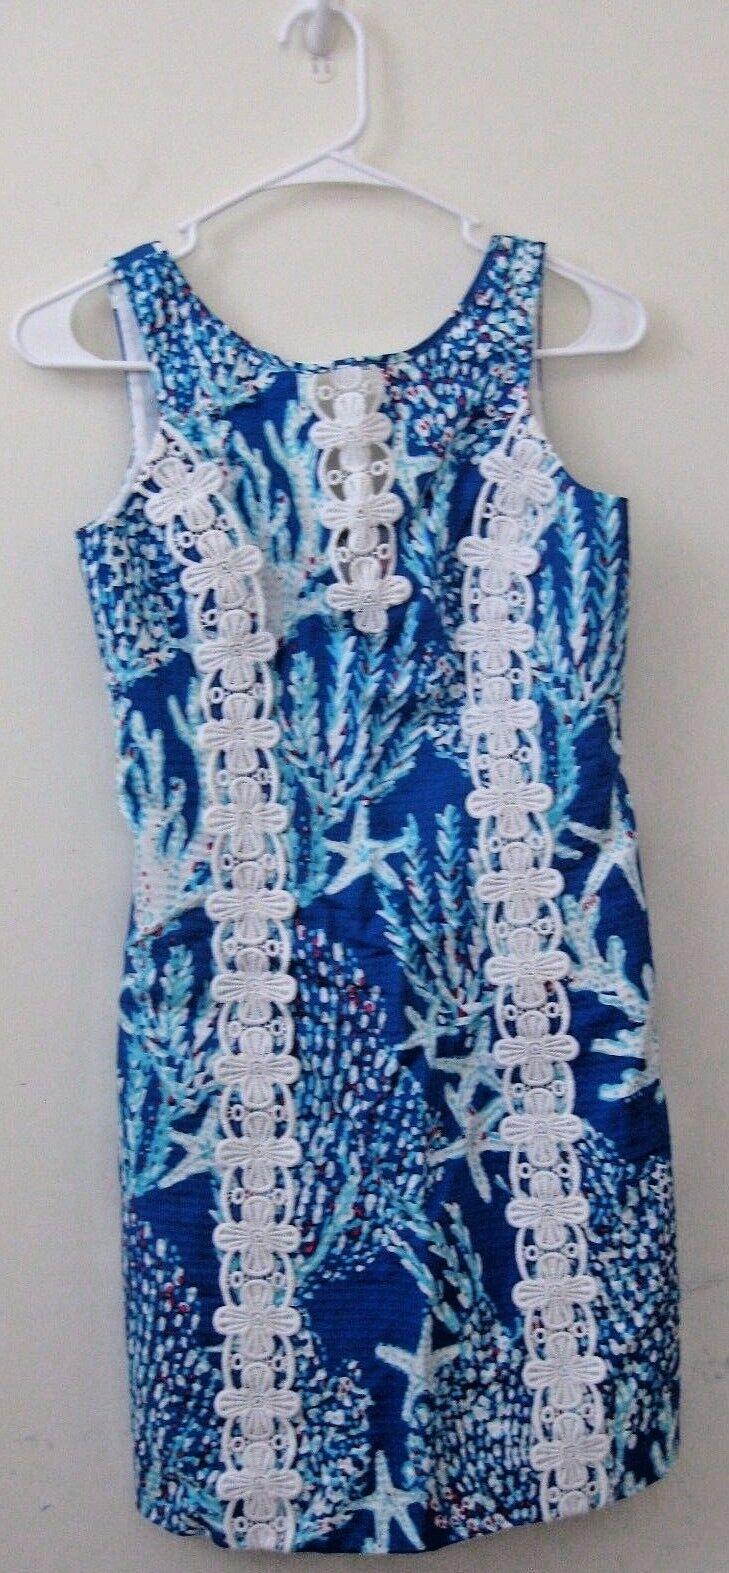 NWT Lilly Pulitzer Ember Skift Brewster blå bra REEF Dress stjärnafish sz 0 Ny